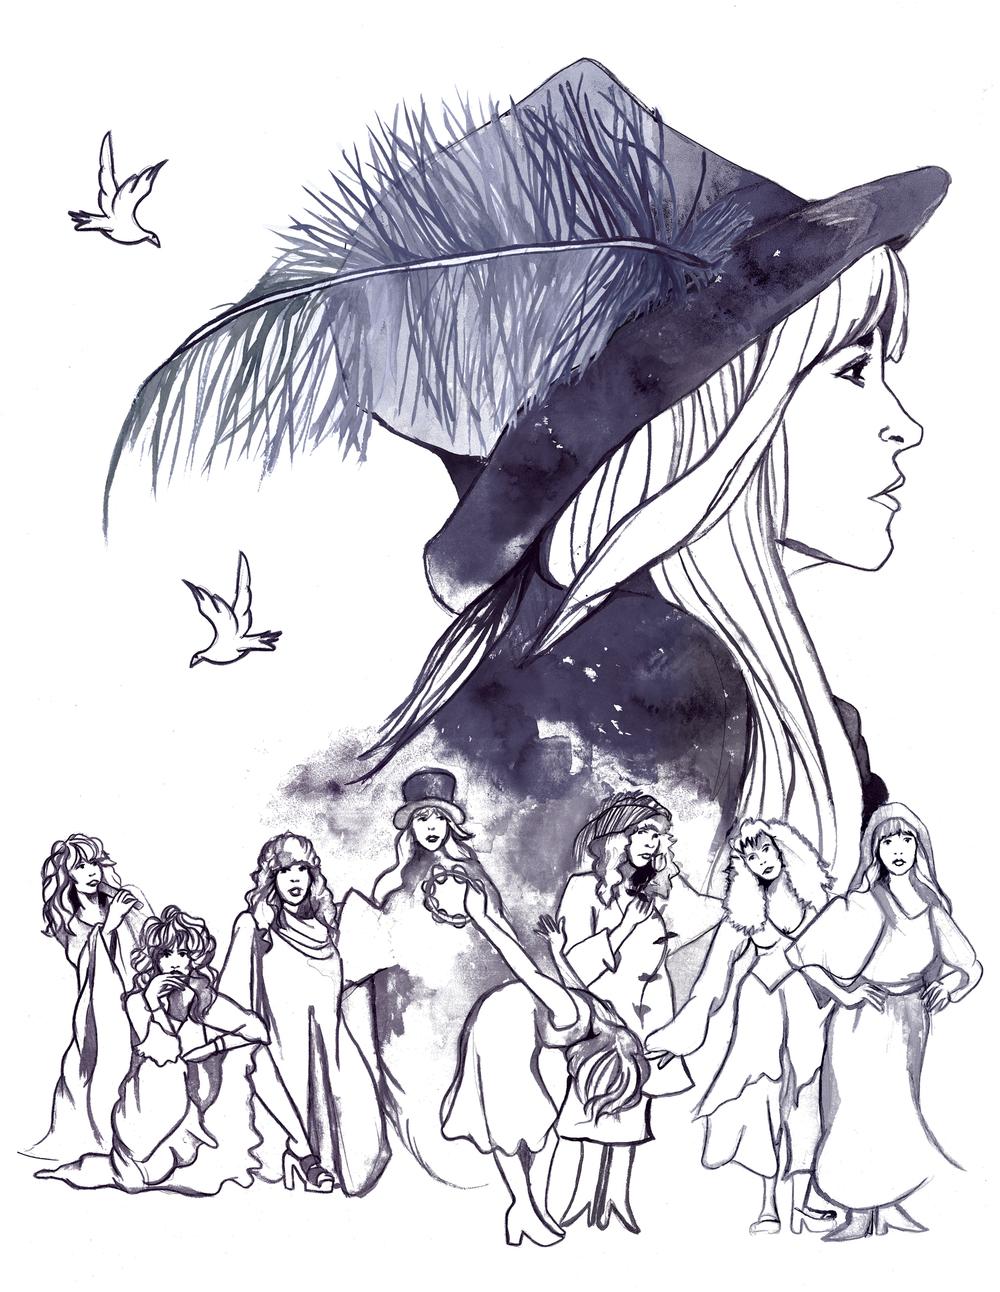 Stevie Nicks Illustration by Jess Rotter